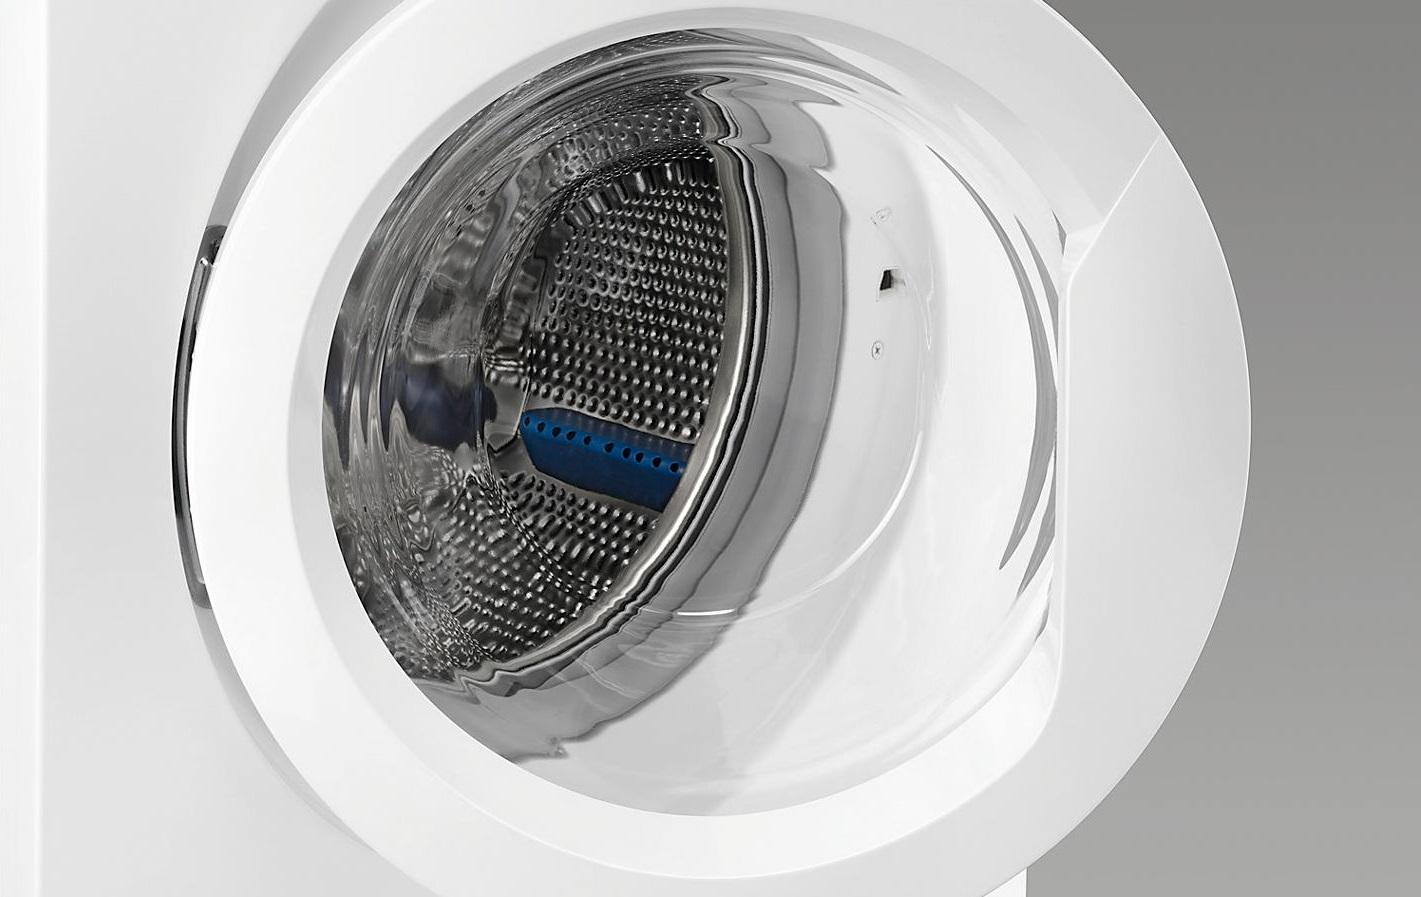 Стиральная машина Zanussi ZWS185W не набирает воду: причины и устранение проблемы